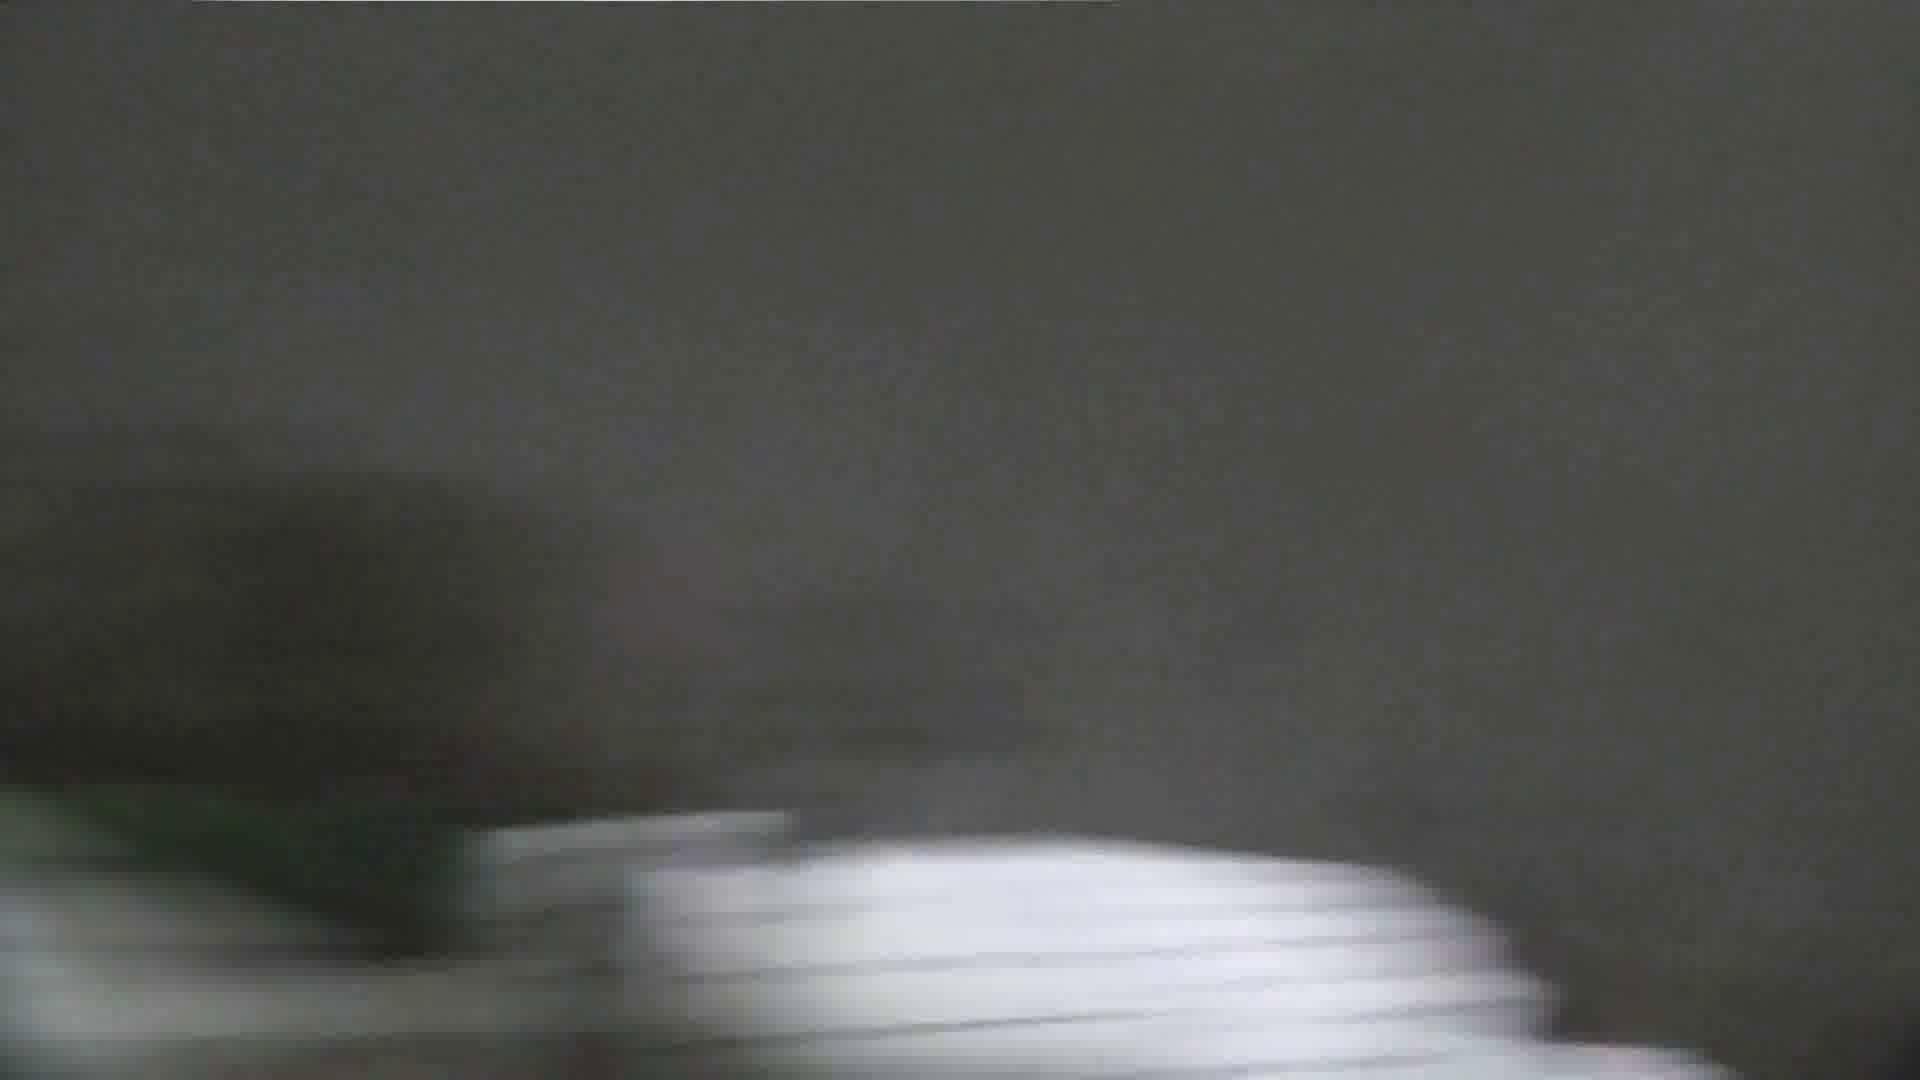 【美しき個室な世界】 vol.025 メガネ属性ヾ(´∀`)ノ 高評価  112PIX 12